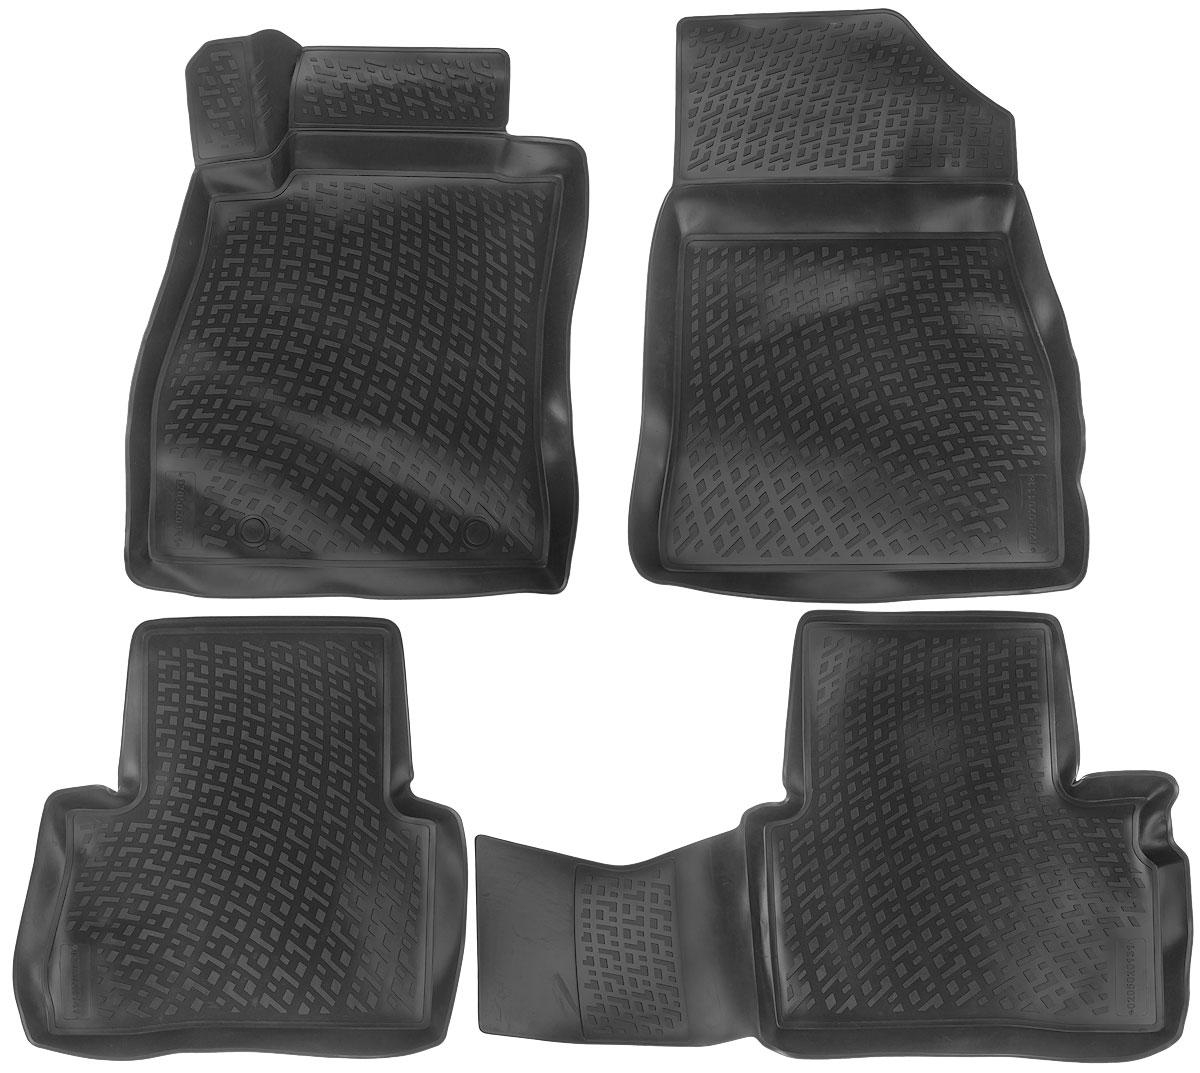 Набор автомобильных ковриков L.Locker Nissan Juke 2010, в салон, 4 шт21395599Набор L.Locker Nissan Juke 2010, изготовленный из полиуретана, состоит из 4 антискользящих 3D ковриков, которые производятся индивидуально для каждой модели автомобиля. Изделие точно повторяет геометрию пола автомобиля, имеет высокий борт, обладает повышенной износоустойчивостью, лишено резкого запаха и сохраняет свои потребительские свойства в широком диапазоне температур от -50°С до +50°С.Комплектация: 4 шт.Размер ковриков: 92 см х 57 см; 57 см х 56 см; 72 см х 58 см; 77 см х 58 см.